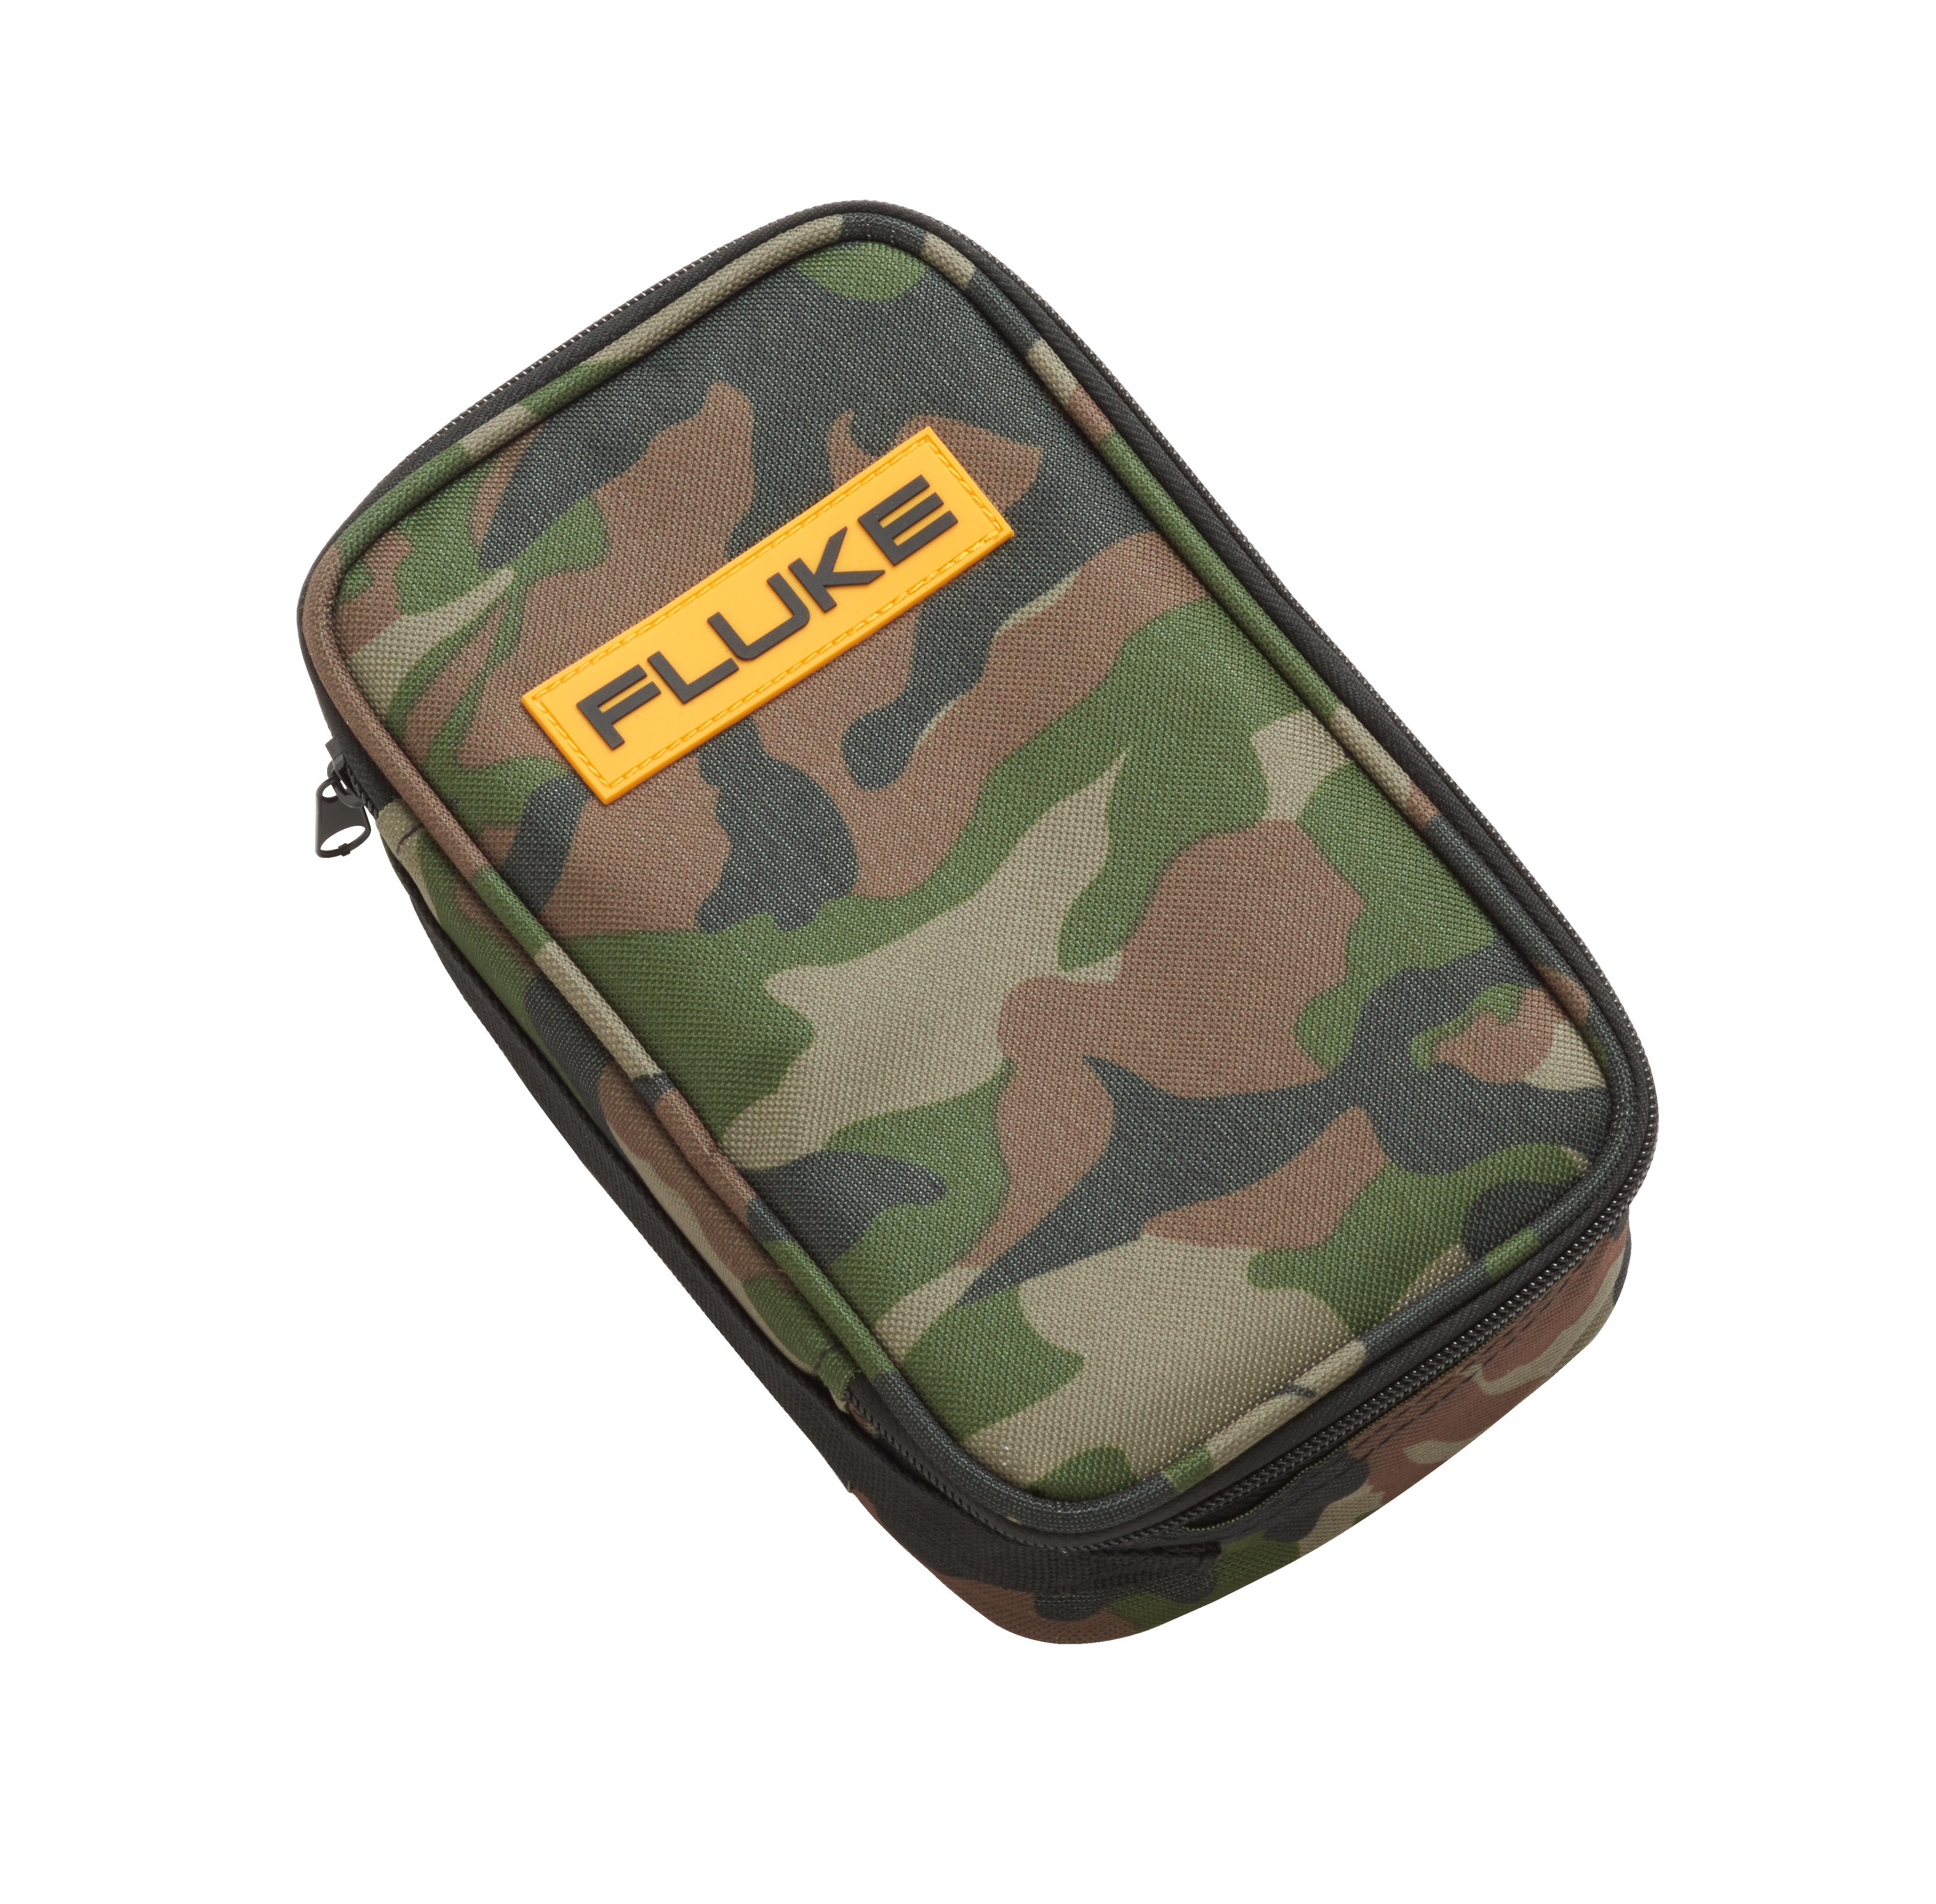 Fluke C-25 Camouflage Carrying Case-Woodland Camo